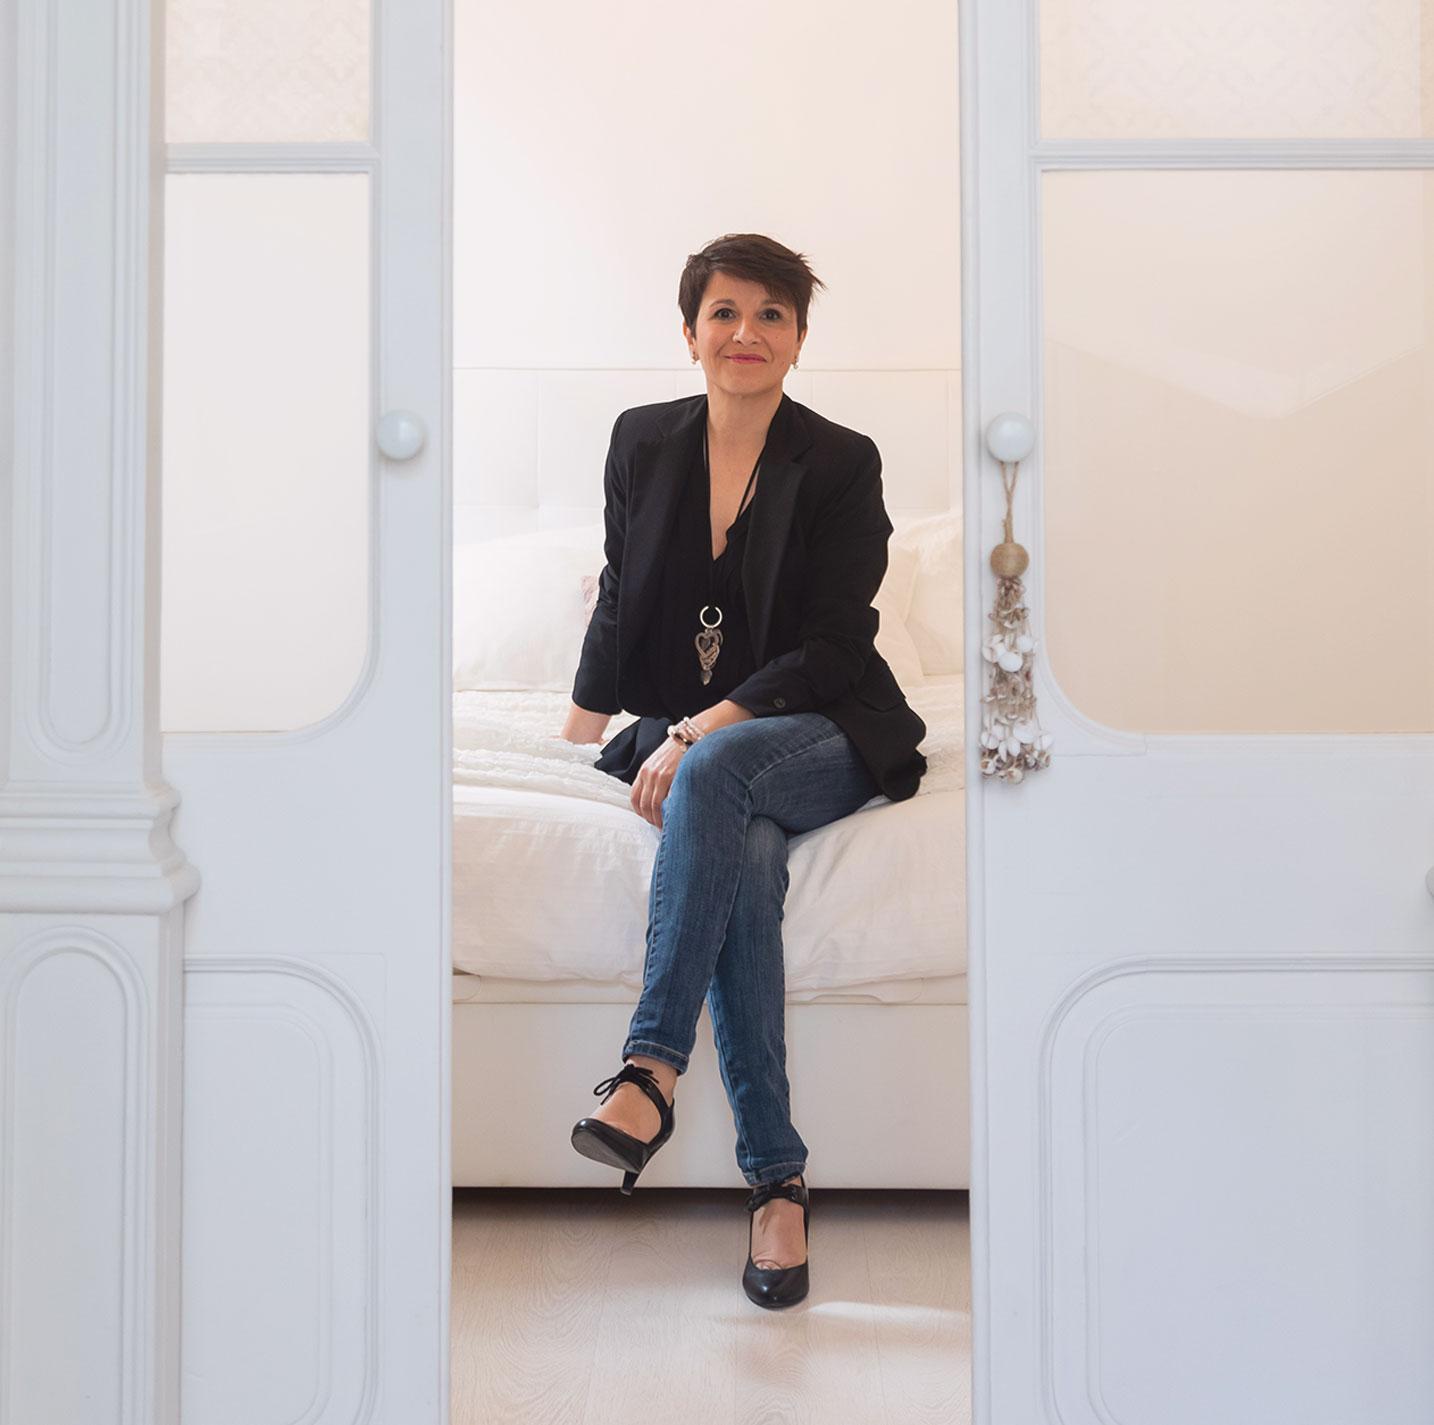 Elisa Cabezas, gestión del tiempo, organización, productividad